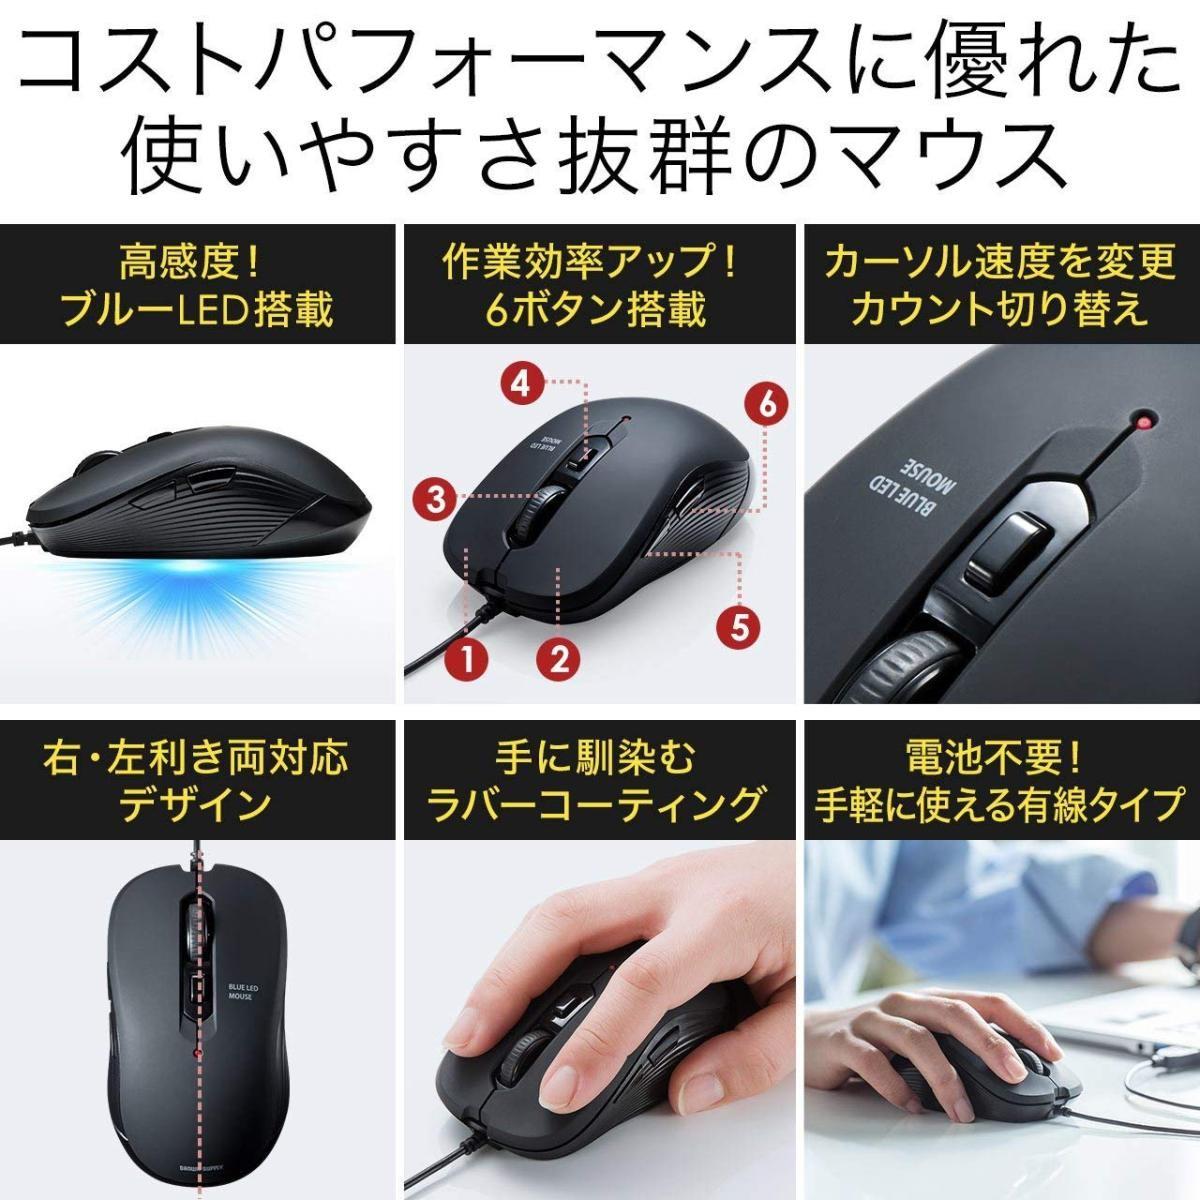 有線マウス ブルーLED 6ボタン DPI切替 ラバーコーティング 400-MA096 (ブラック)の商品画像|4